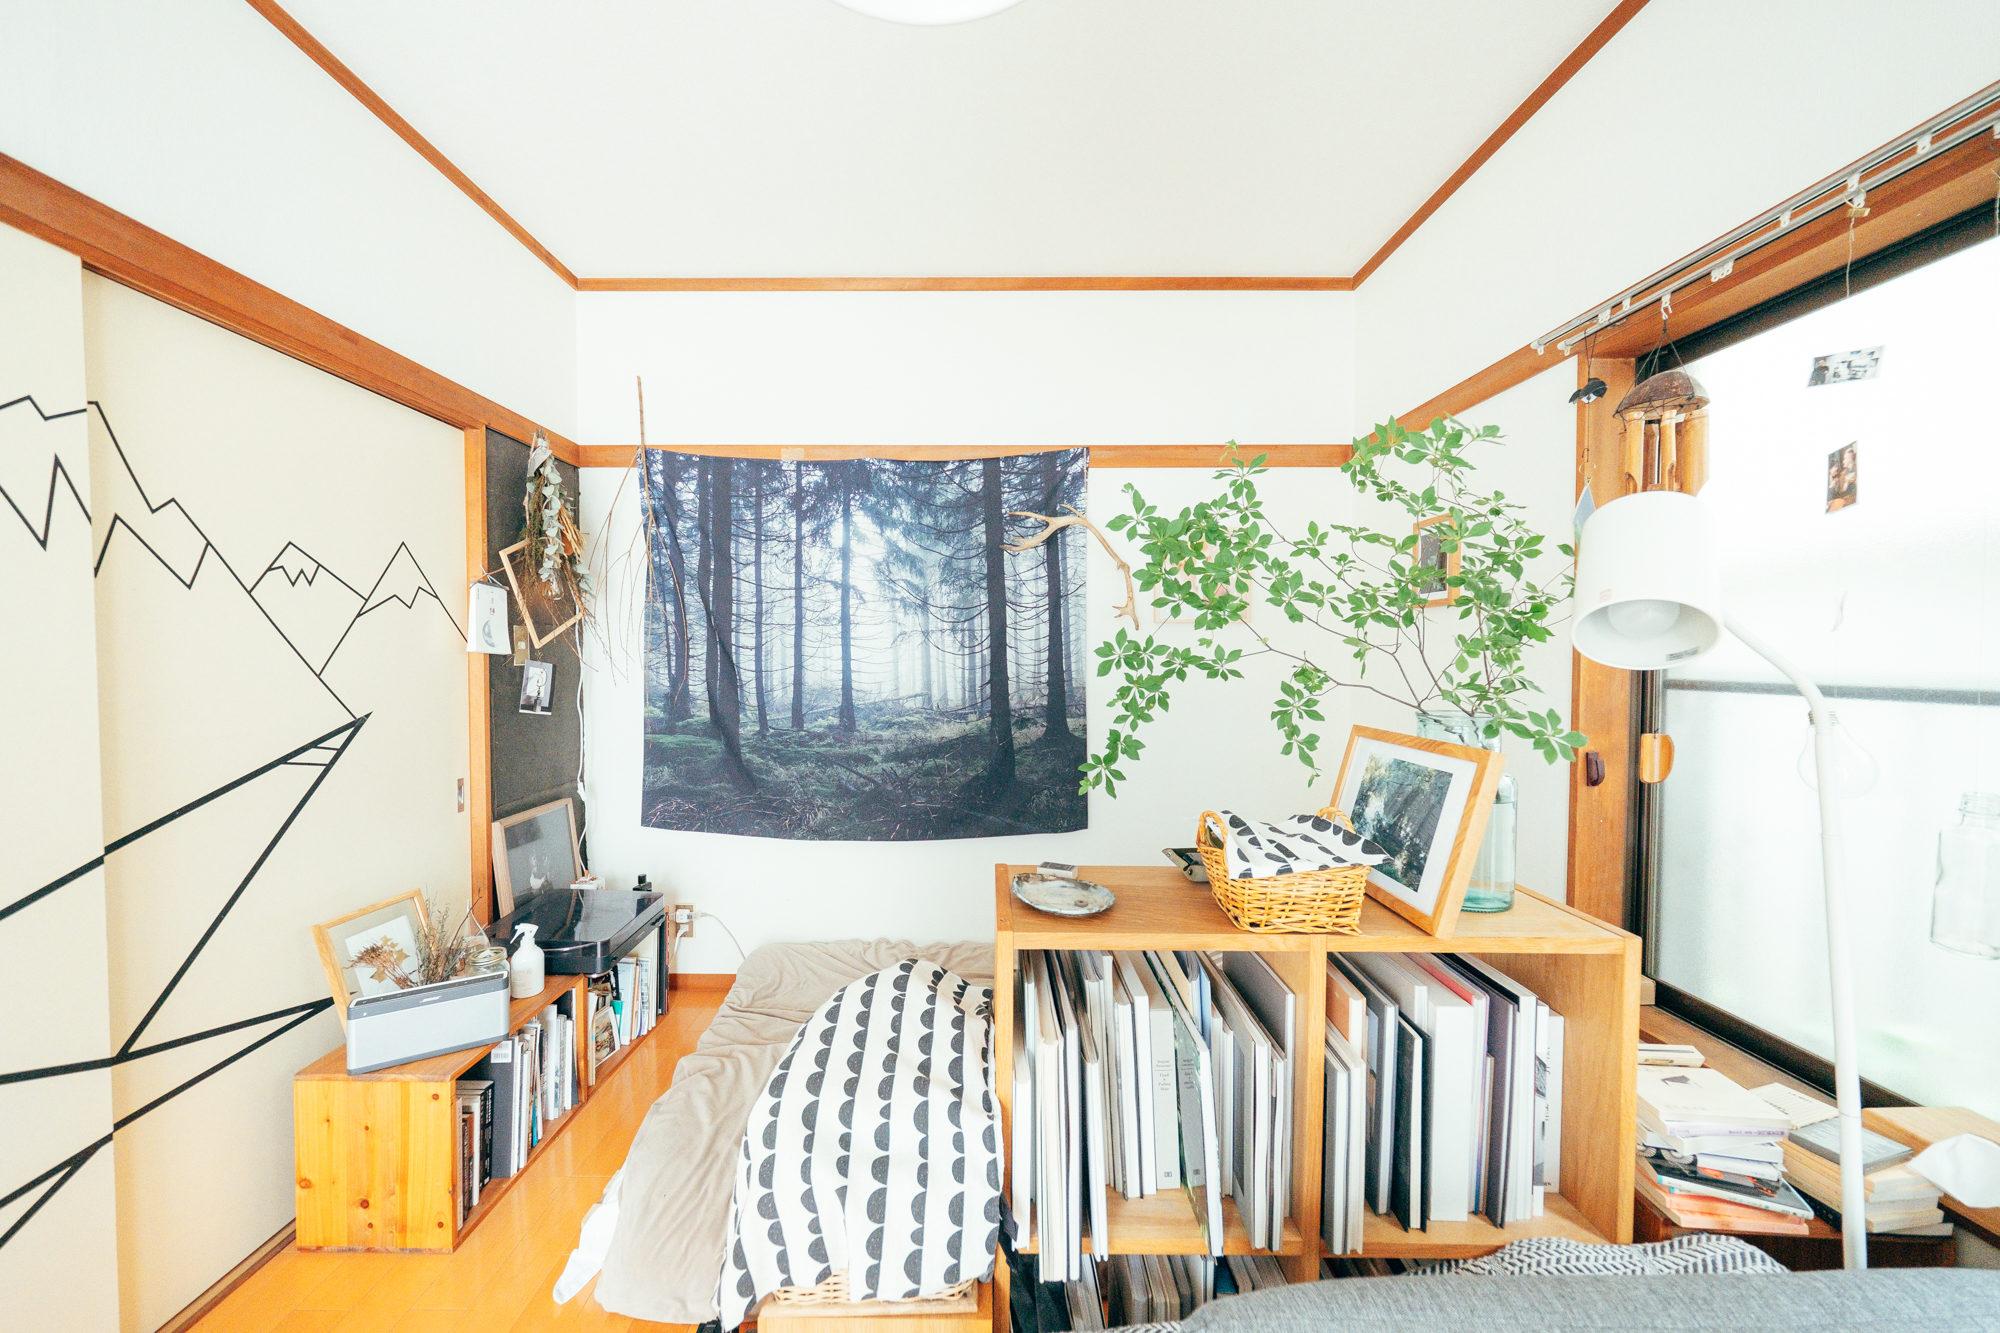 空間が空いて少し寂しい場所には、布を飾るのもおすすめ。こちらのお部屋では、大きなタペストリーをかけています。林の柄が、部屋に奥行きを持たせてくれているように感じますね。(このお部屋をもっと見る)